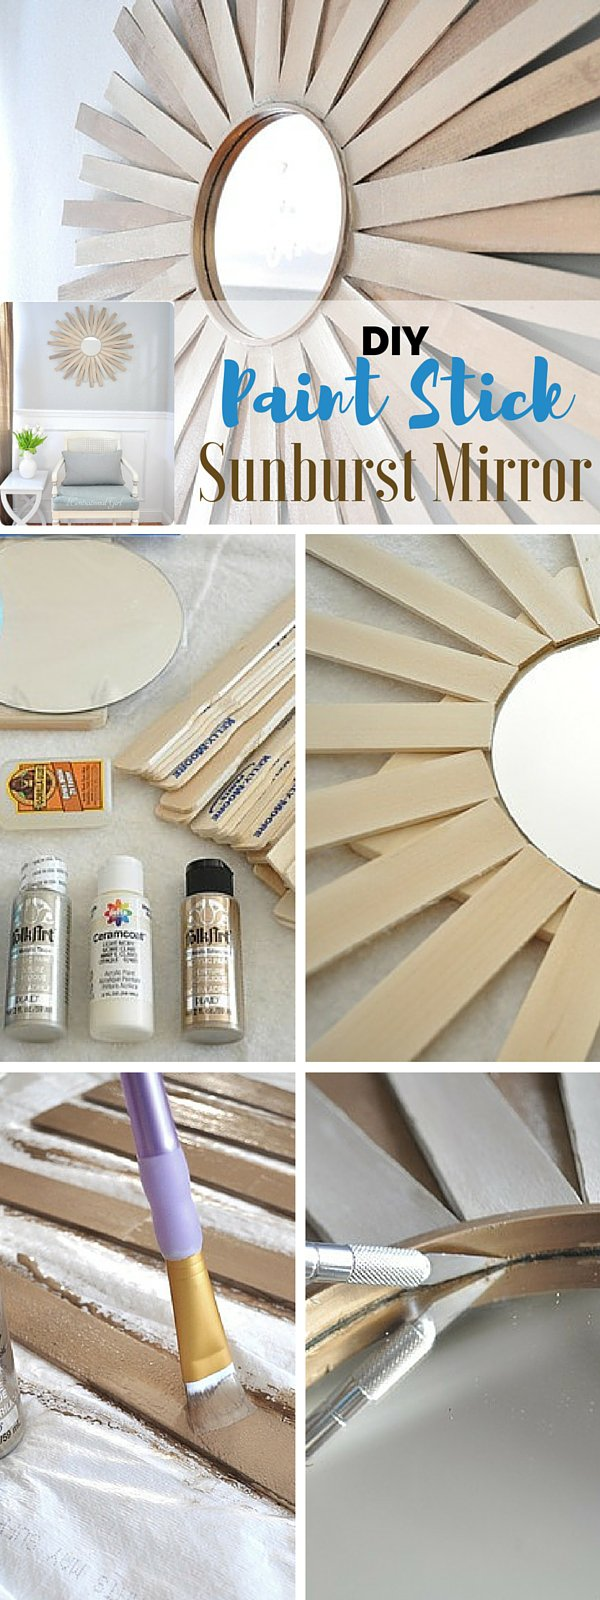 Paint Stick Starburst Mirror.